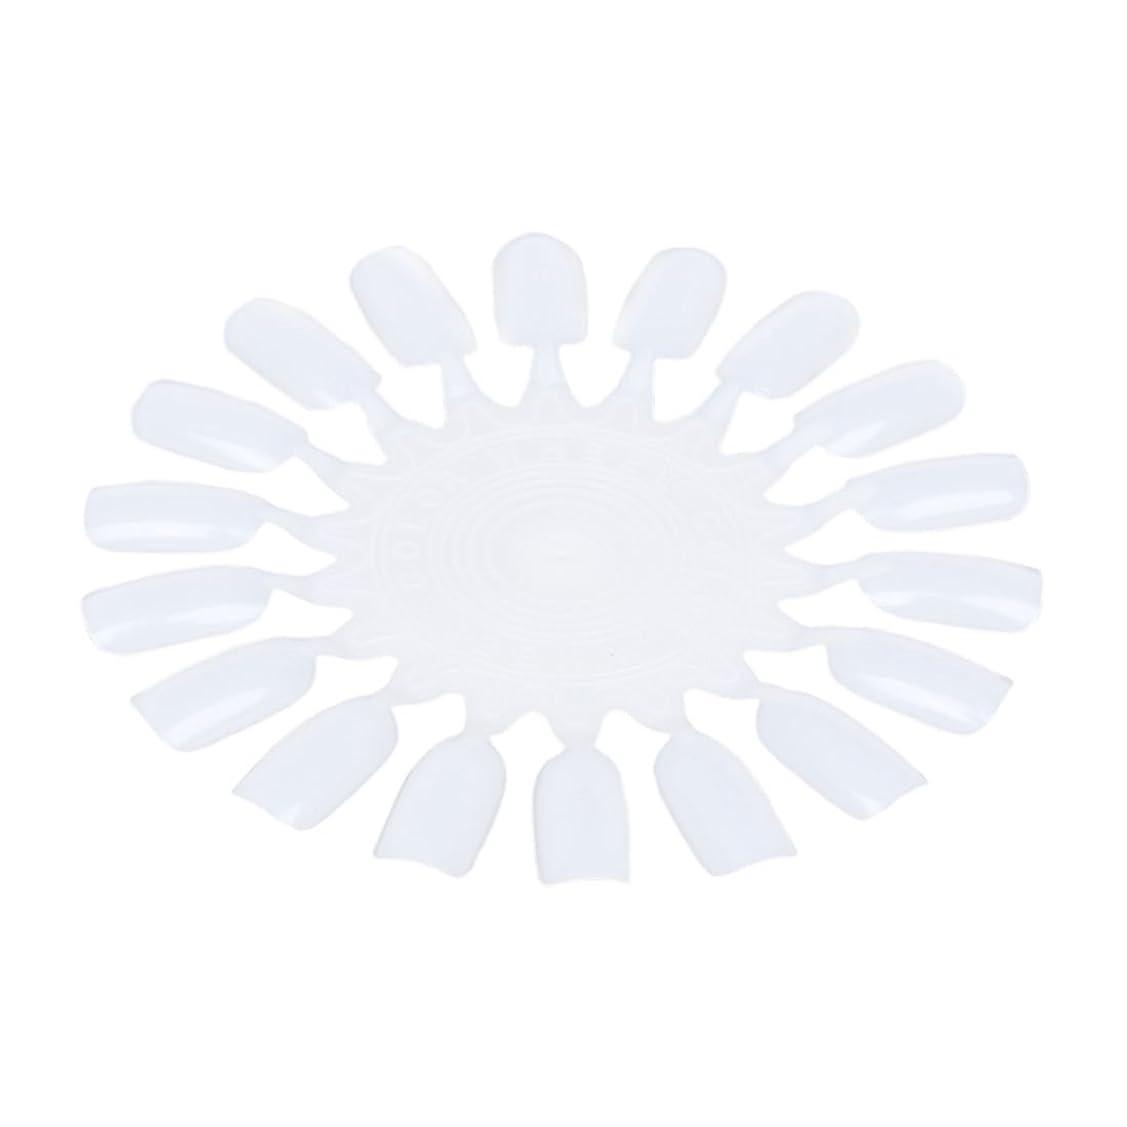 かごくつろぎ異なるRETYLY 10個 メークアップ化粧ネイル ポーランドカラー段ボールカラーチャート18カラー ベージュ